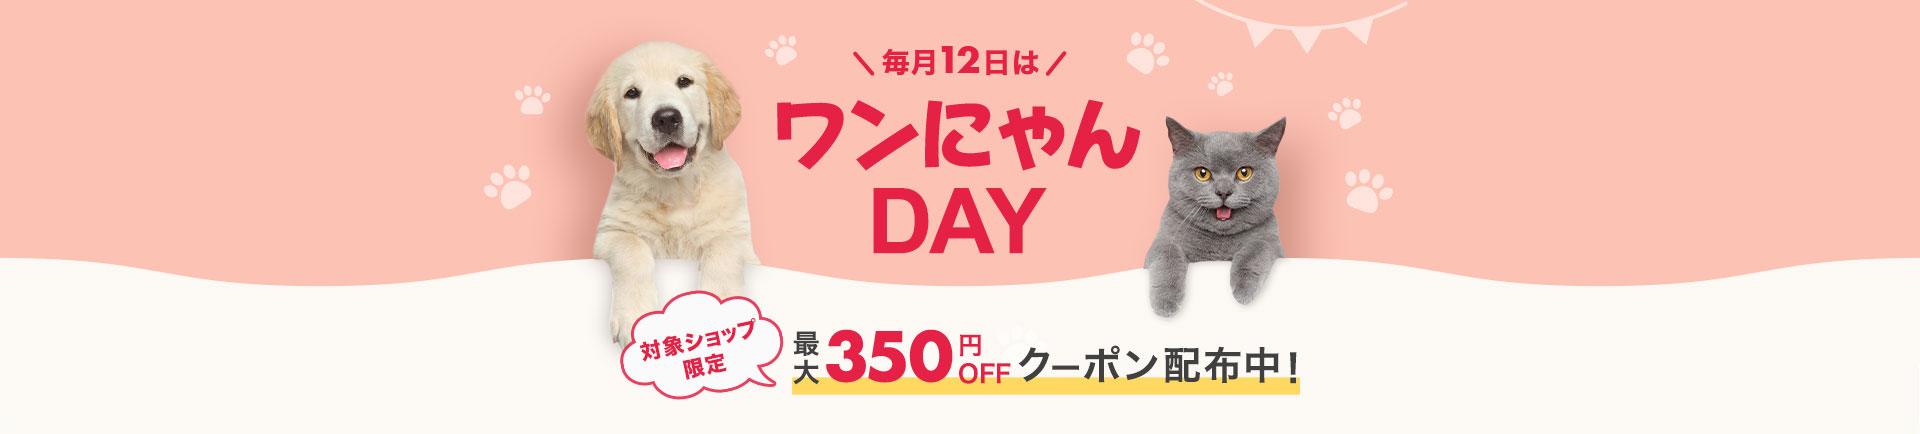 毎月12日は ワンにゃんDAY 対象ショップ限定最大350円OFFクーポン配付中!